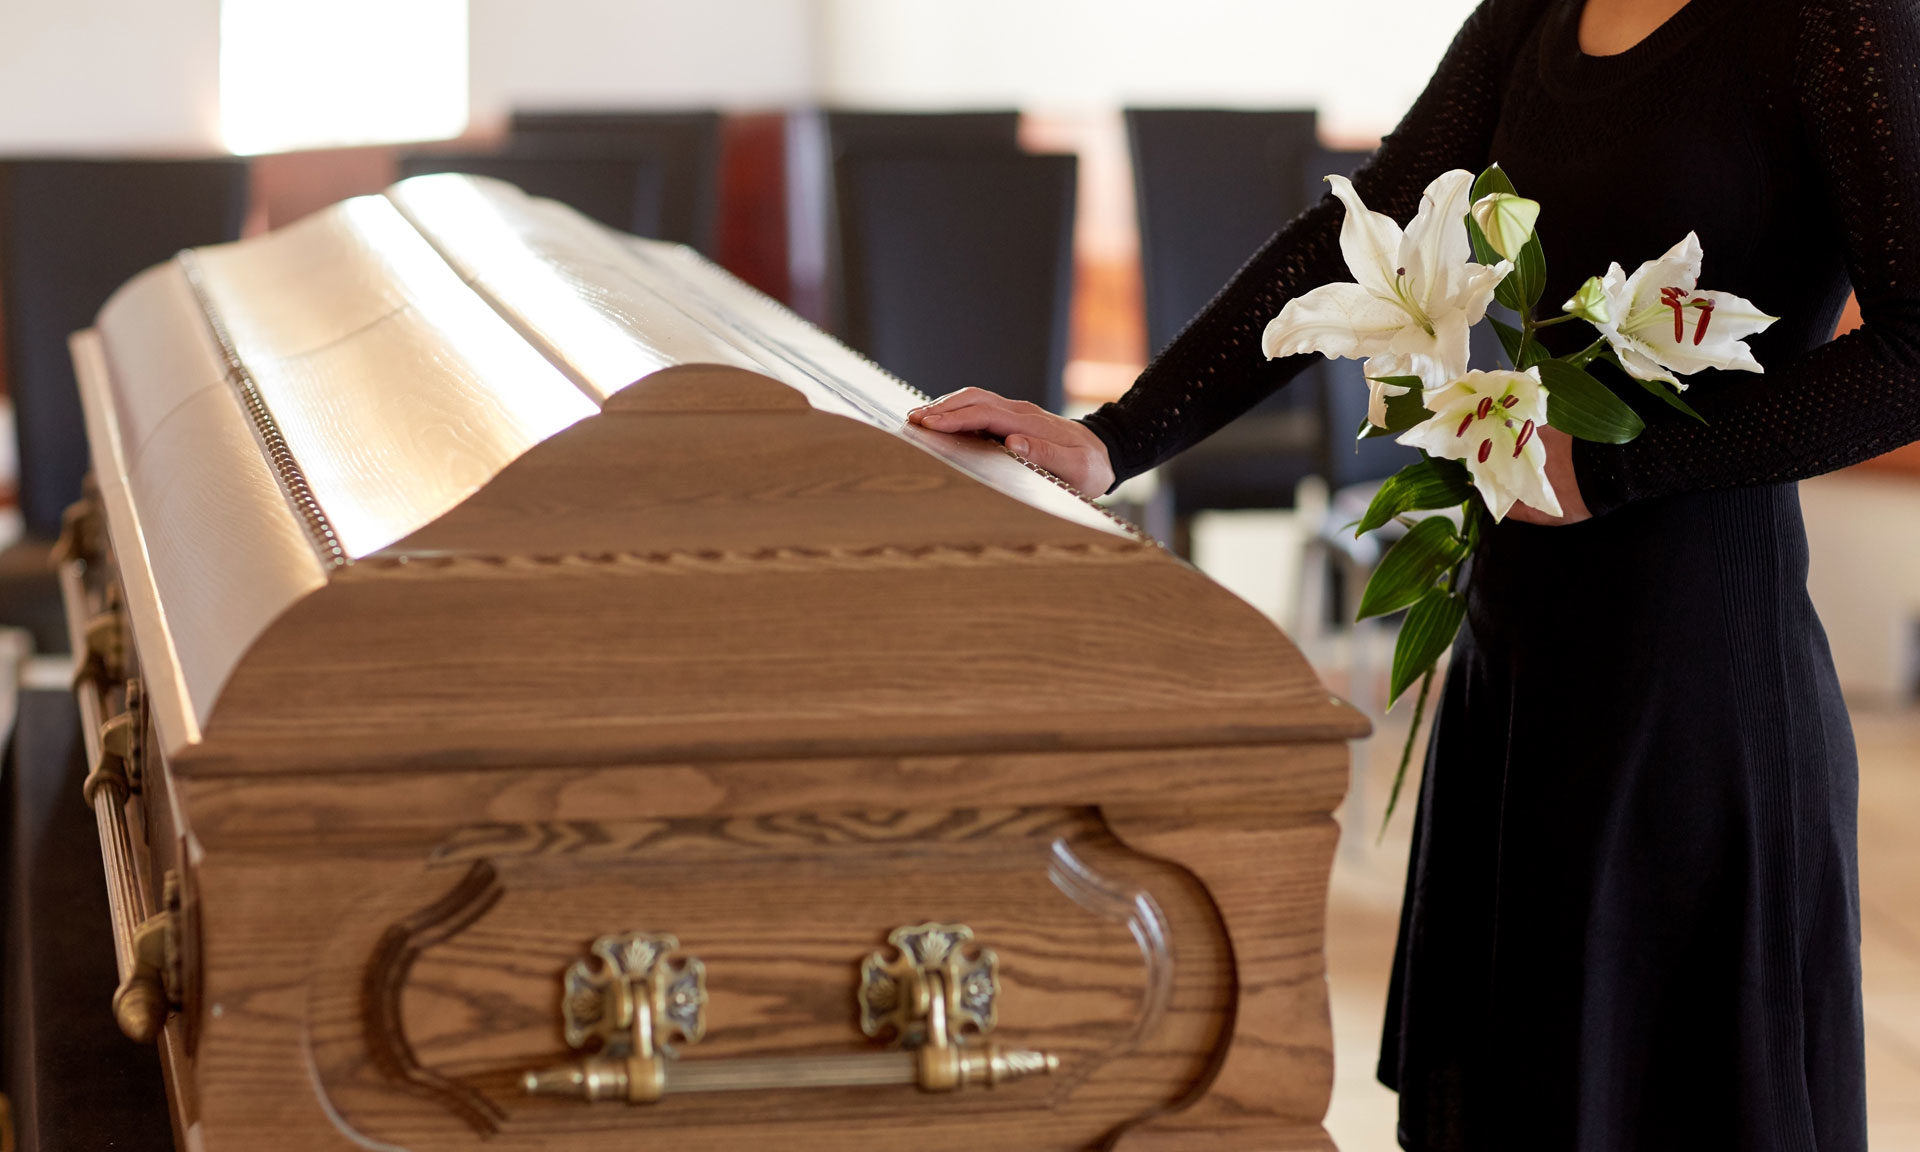 抓包偷吃!聰明正宮幫男友「辦假葬禮」 小三每年哀悼:一生的摯愛